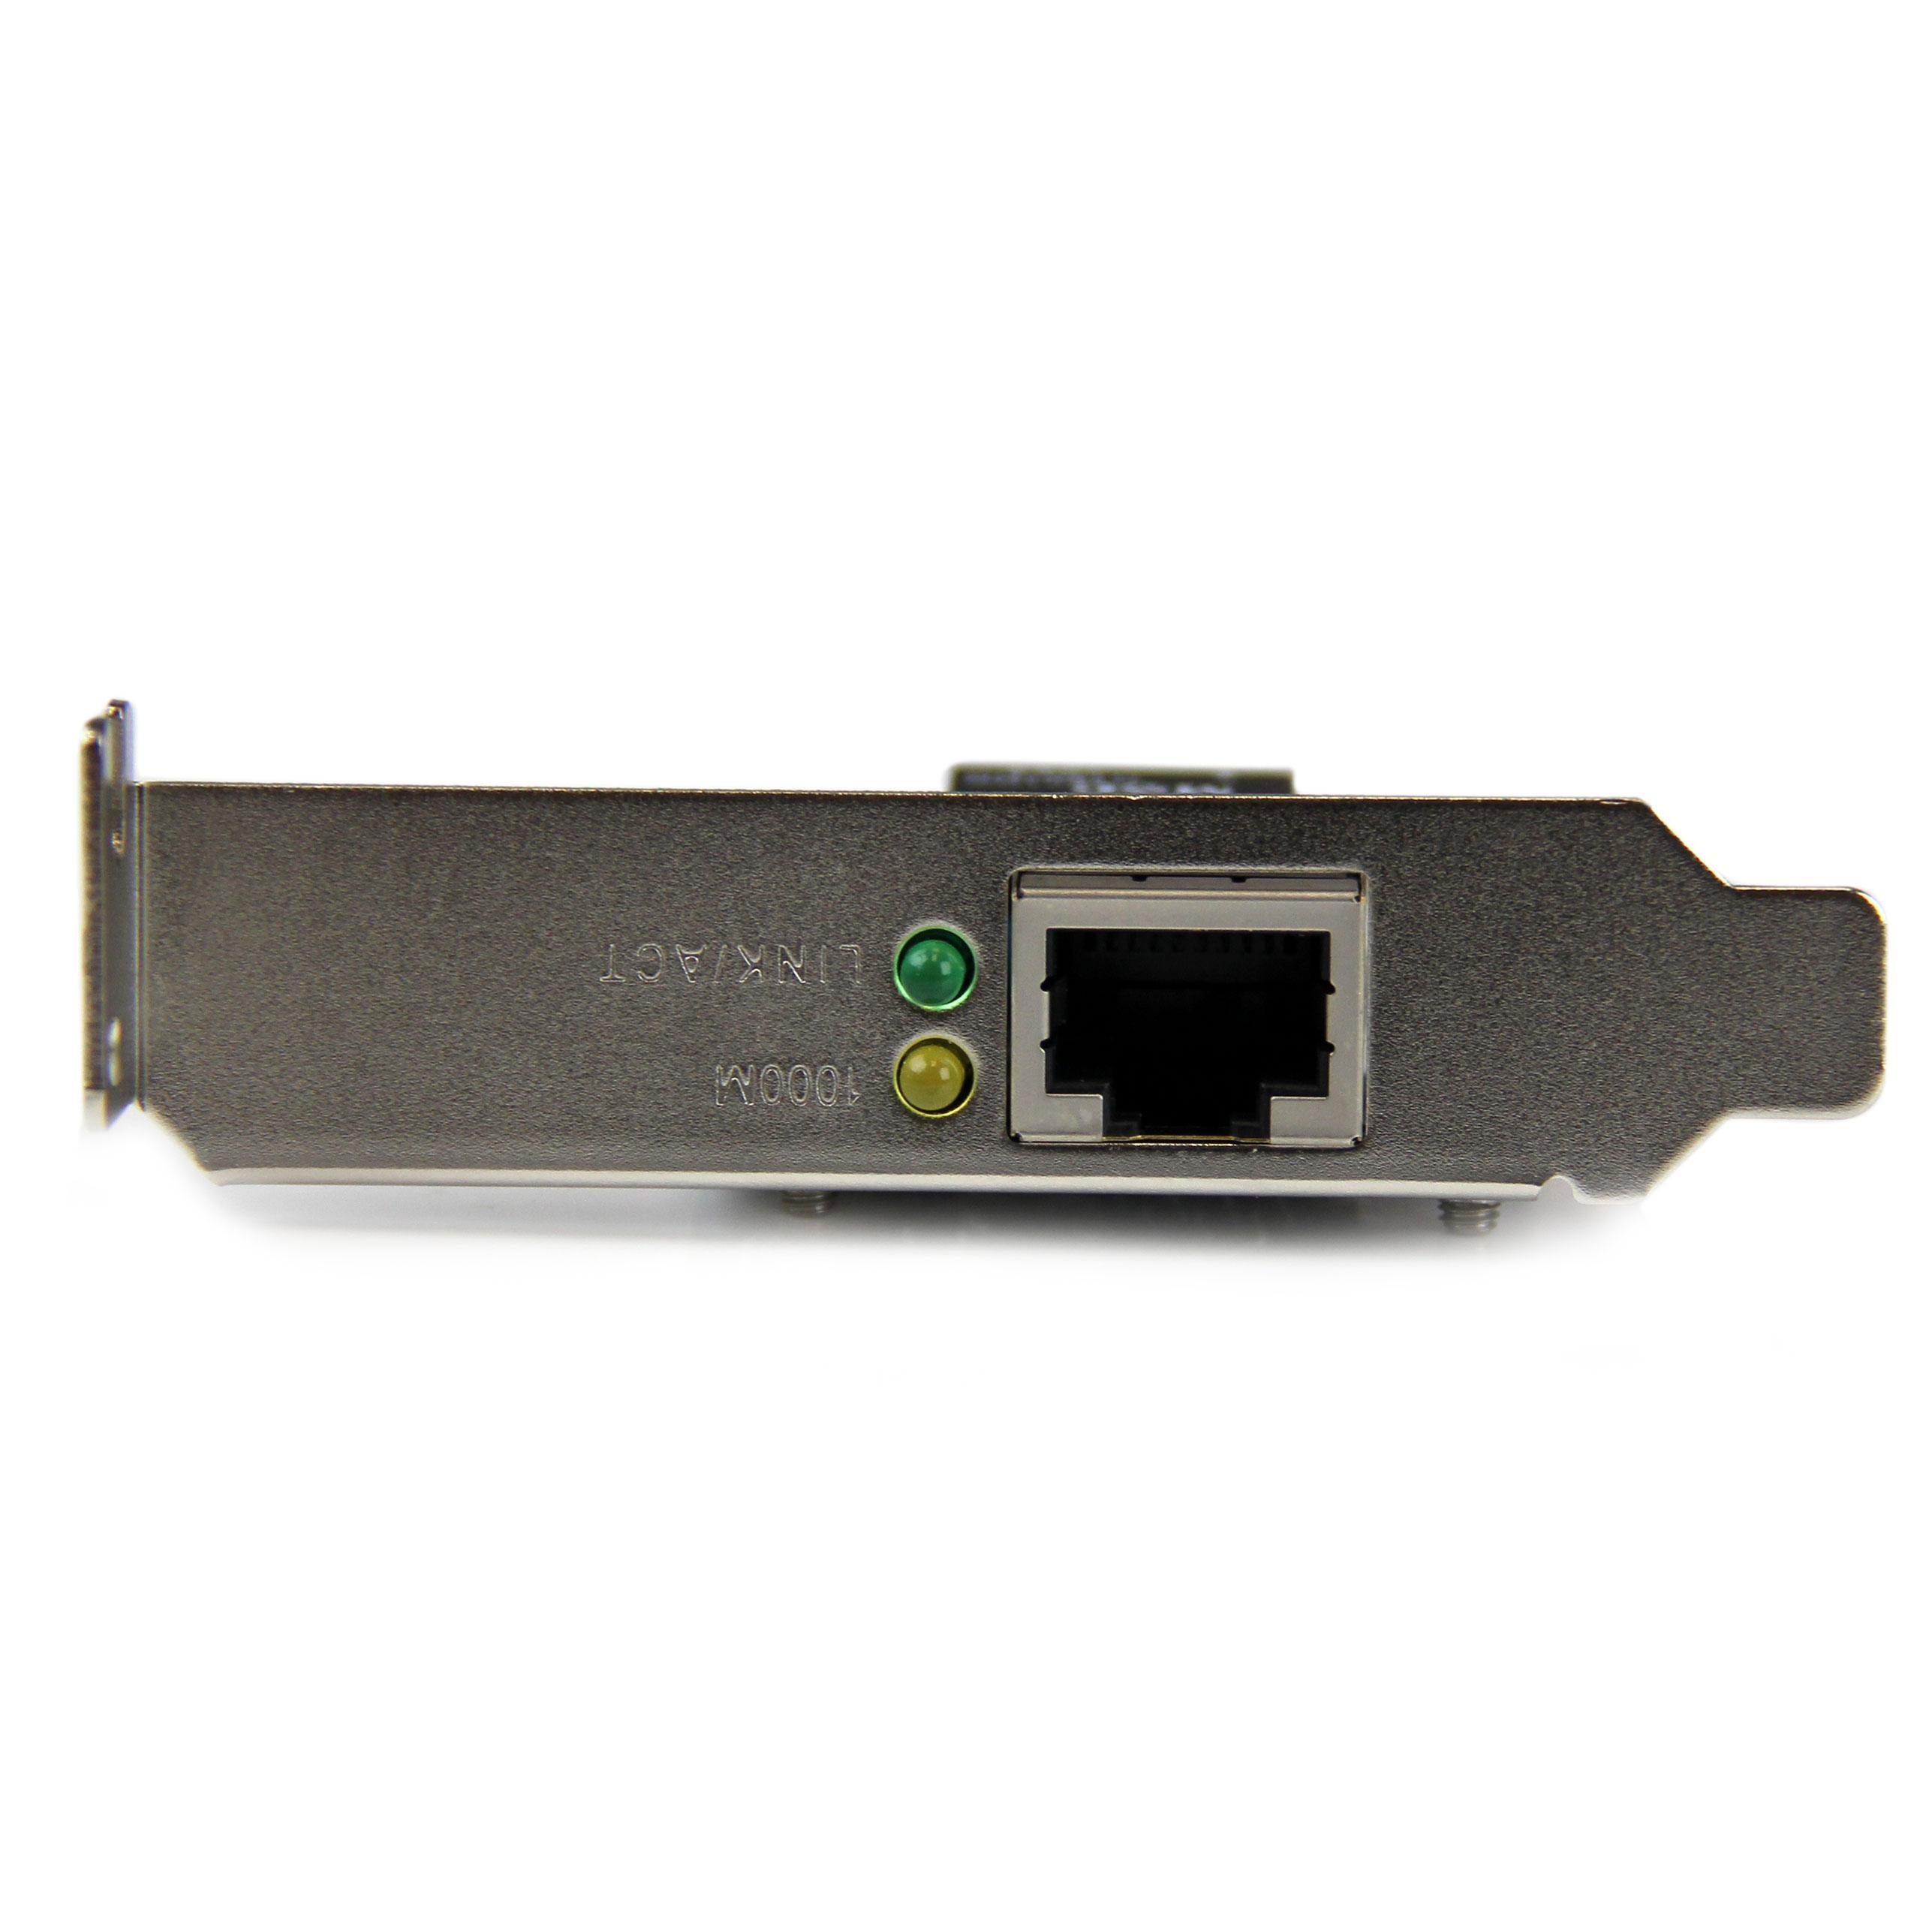 StarTech.com ST1000SPEX2L - Tarjeta de Red (PCI Express, 1 Puerto Gigabit Ethernet, Nic PCI-E, 1 x RJ45 Hembra, Perfil bajo)